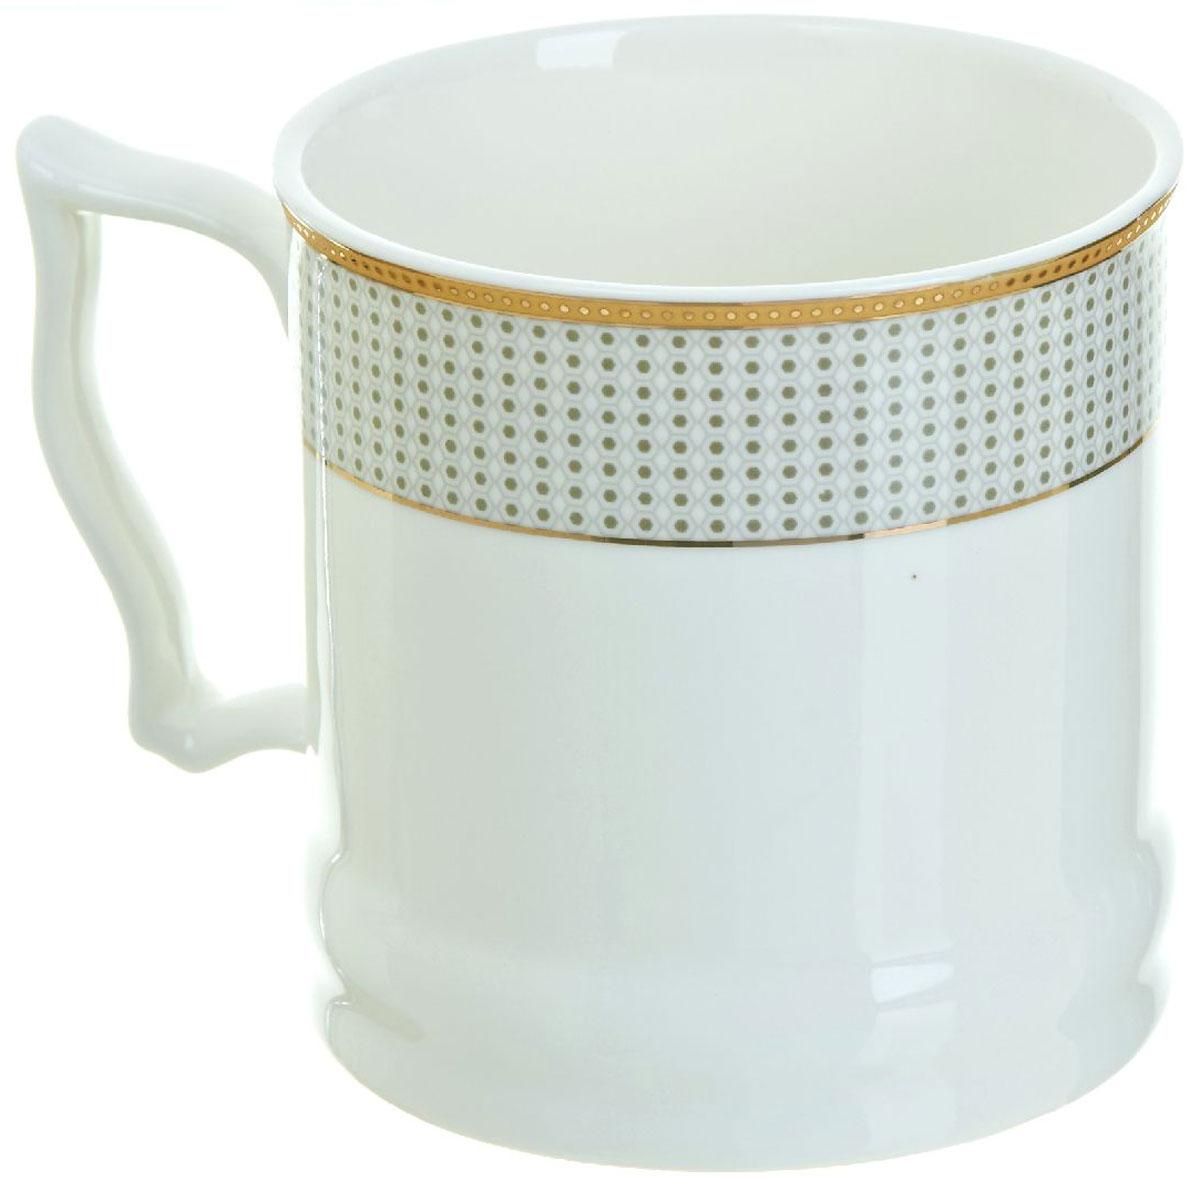 Кружка BHP Королевская кружка, 500 мл. 18700121870012Оригинальная кружка Best Home Porcelain, выполненная из высококачественного фарфора, сочетает в себе простой, утонченный дизайн с максимальной функциональностью.Можно использовать в посудомоечной машине.